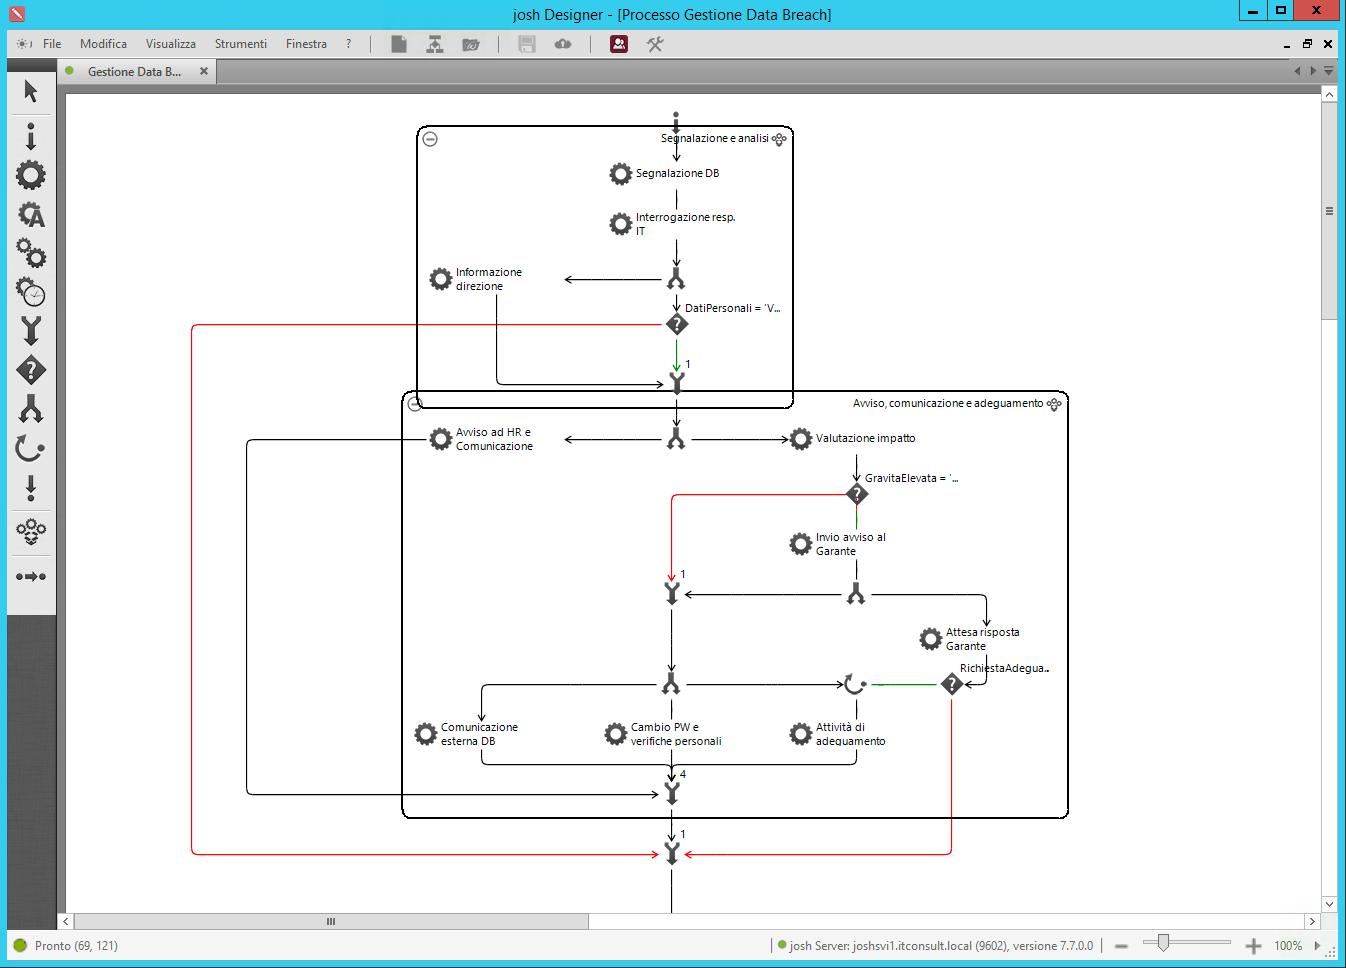 Processo gestione data breach